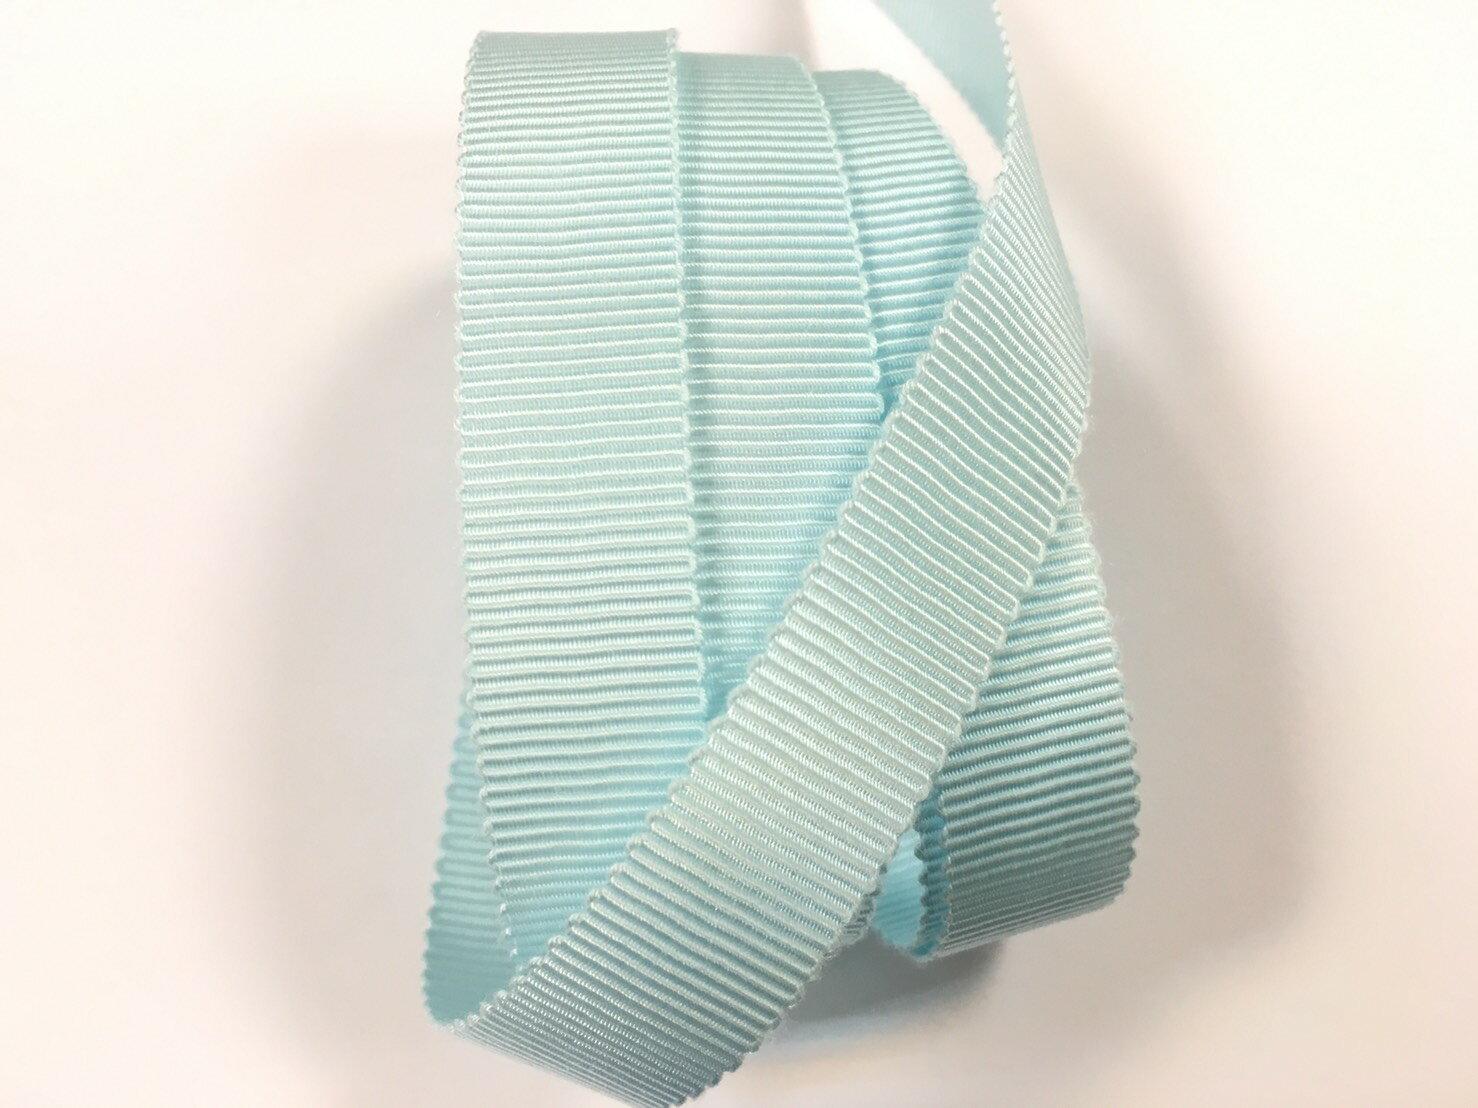 迴紋帶 羅紋緞帶 10mm 3碼 (22色) 日本製造台灣包裝 7